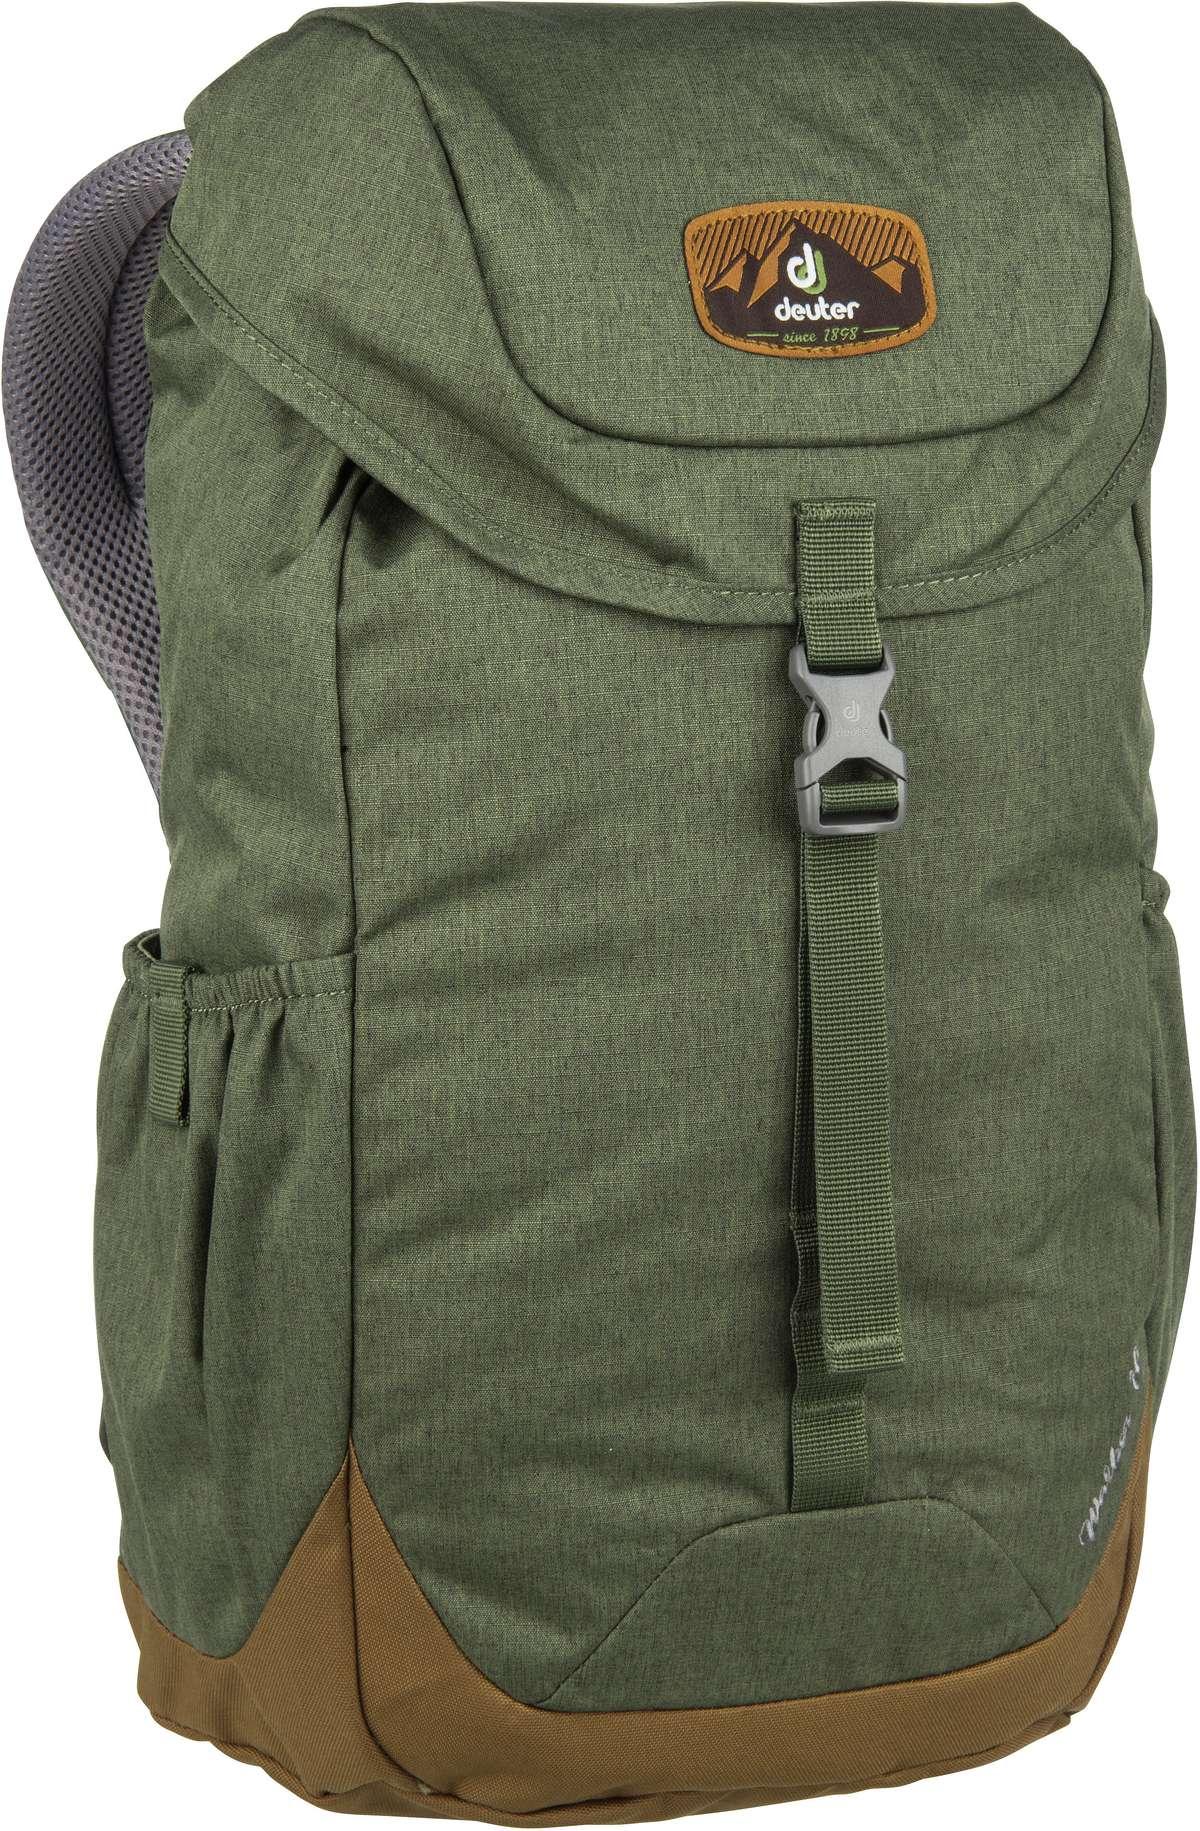 Rucksack / Daypack Walker 16 Khaki/Lion (16 Liter)